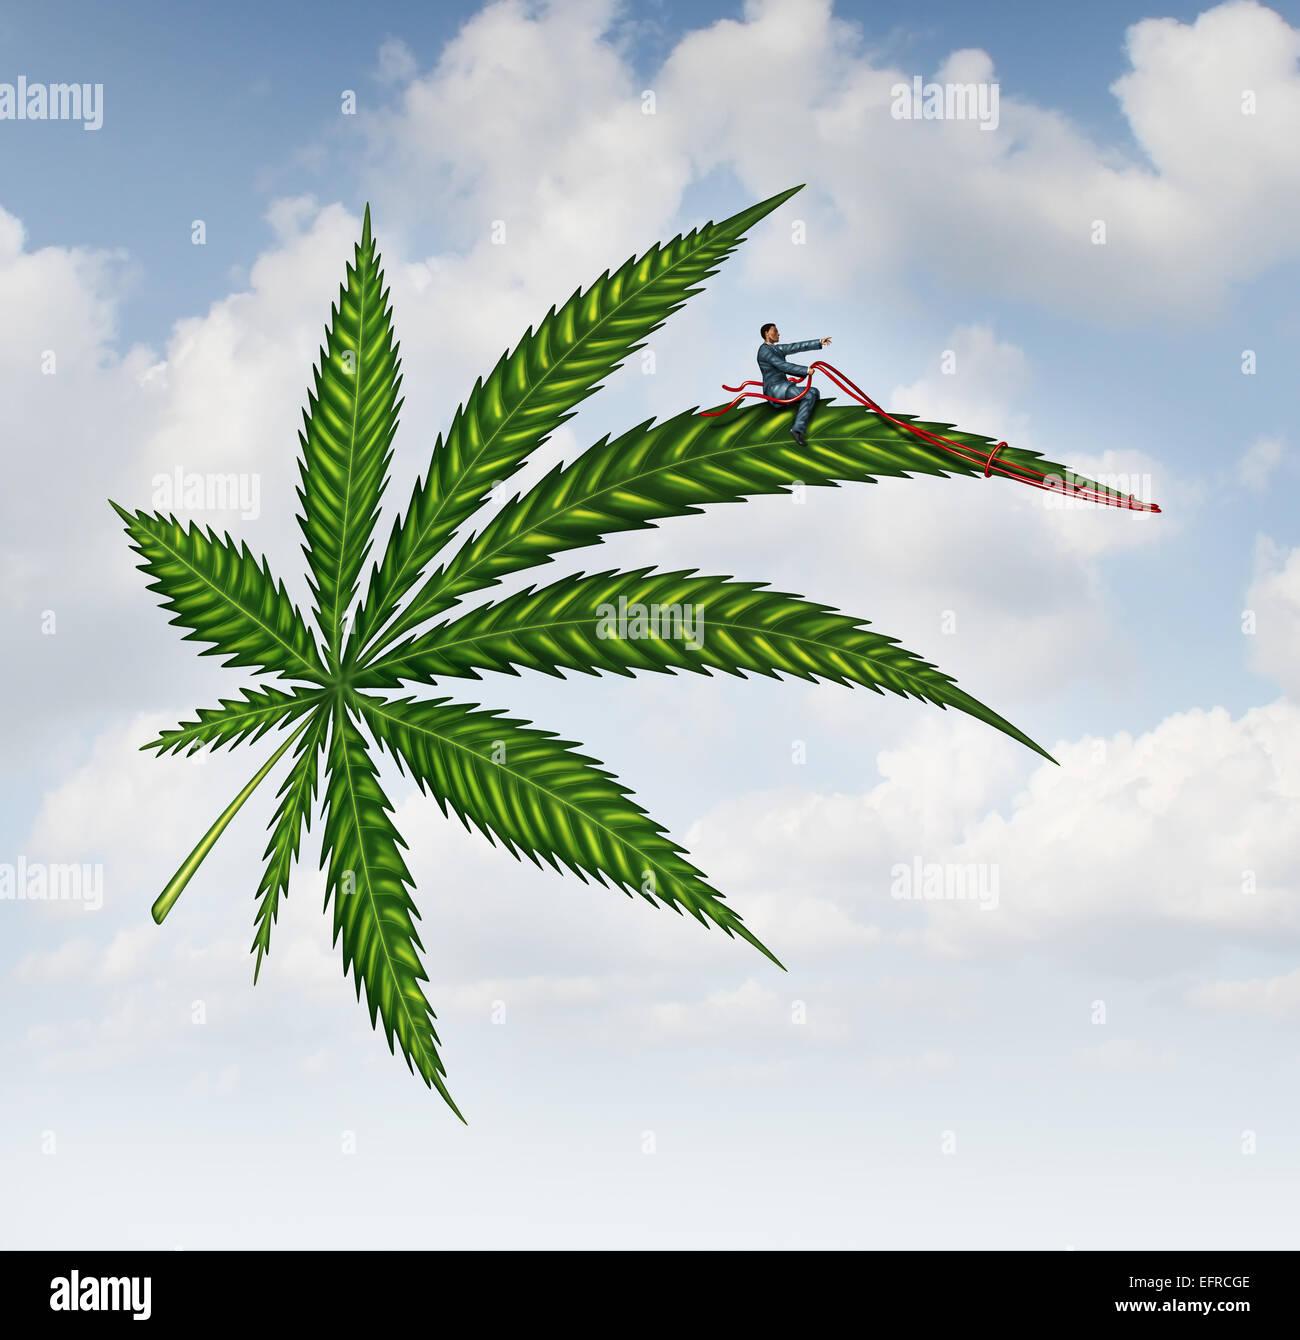 Concept de la marijuana et le cannabis leaf de haut vol avec une personne guidant la plante médicinale comme Photo Stock